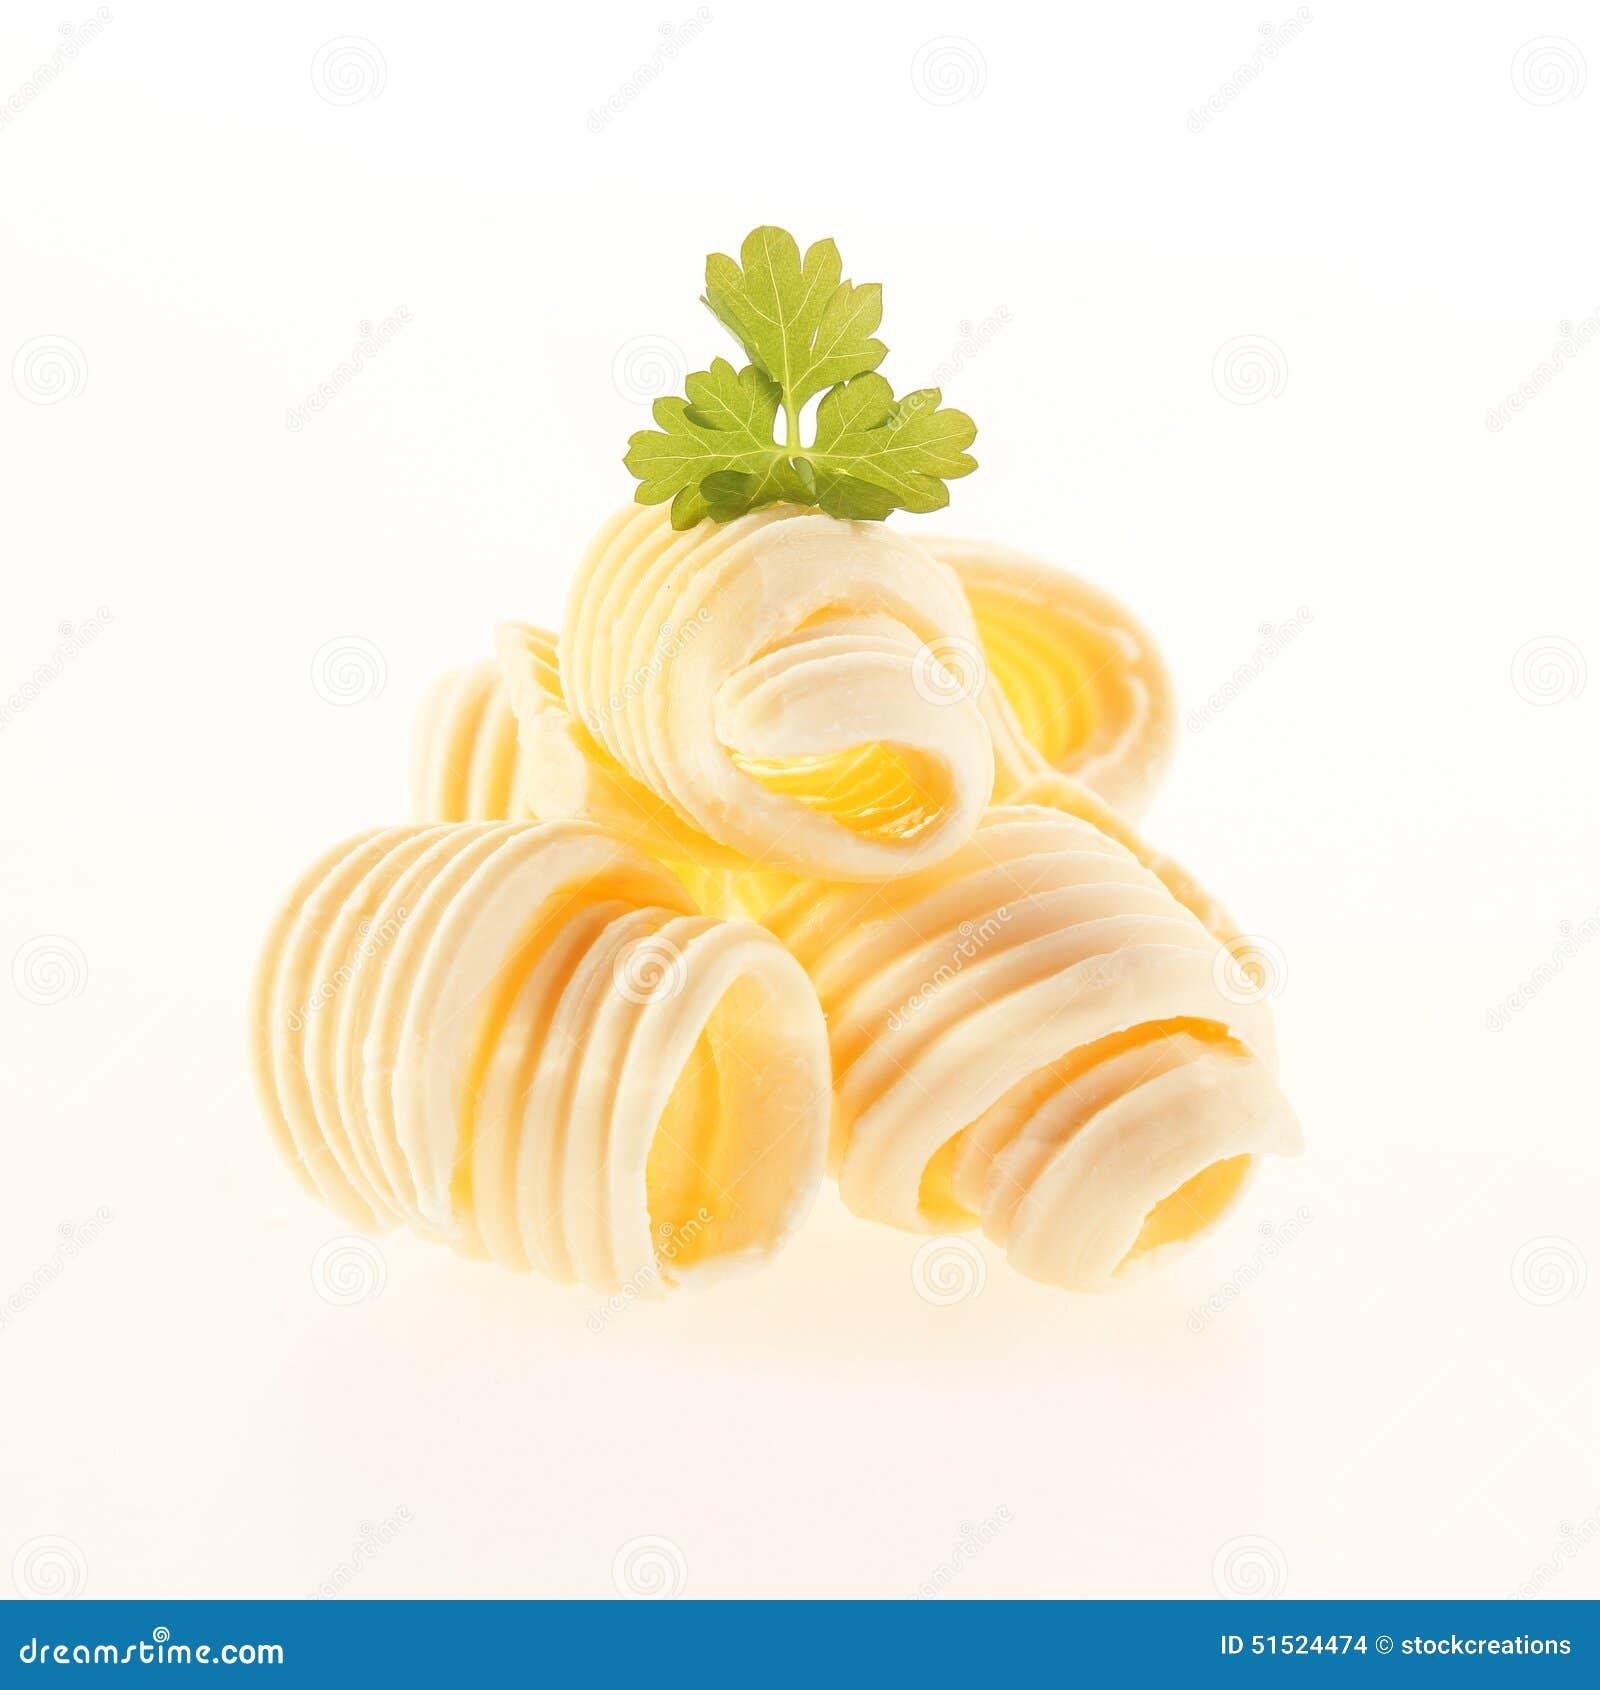 Bobines roulées de beurre crémeux